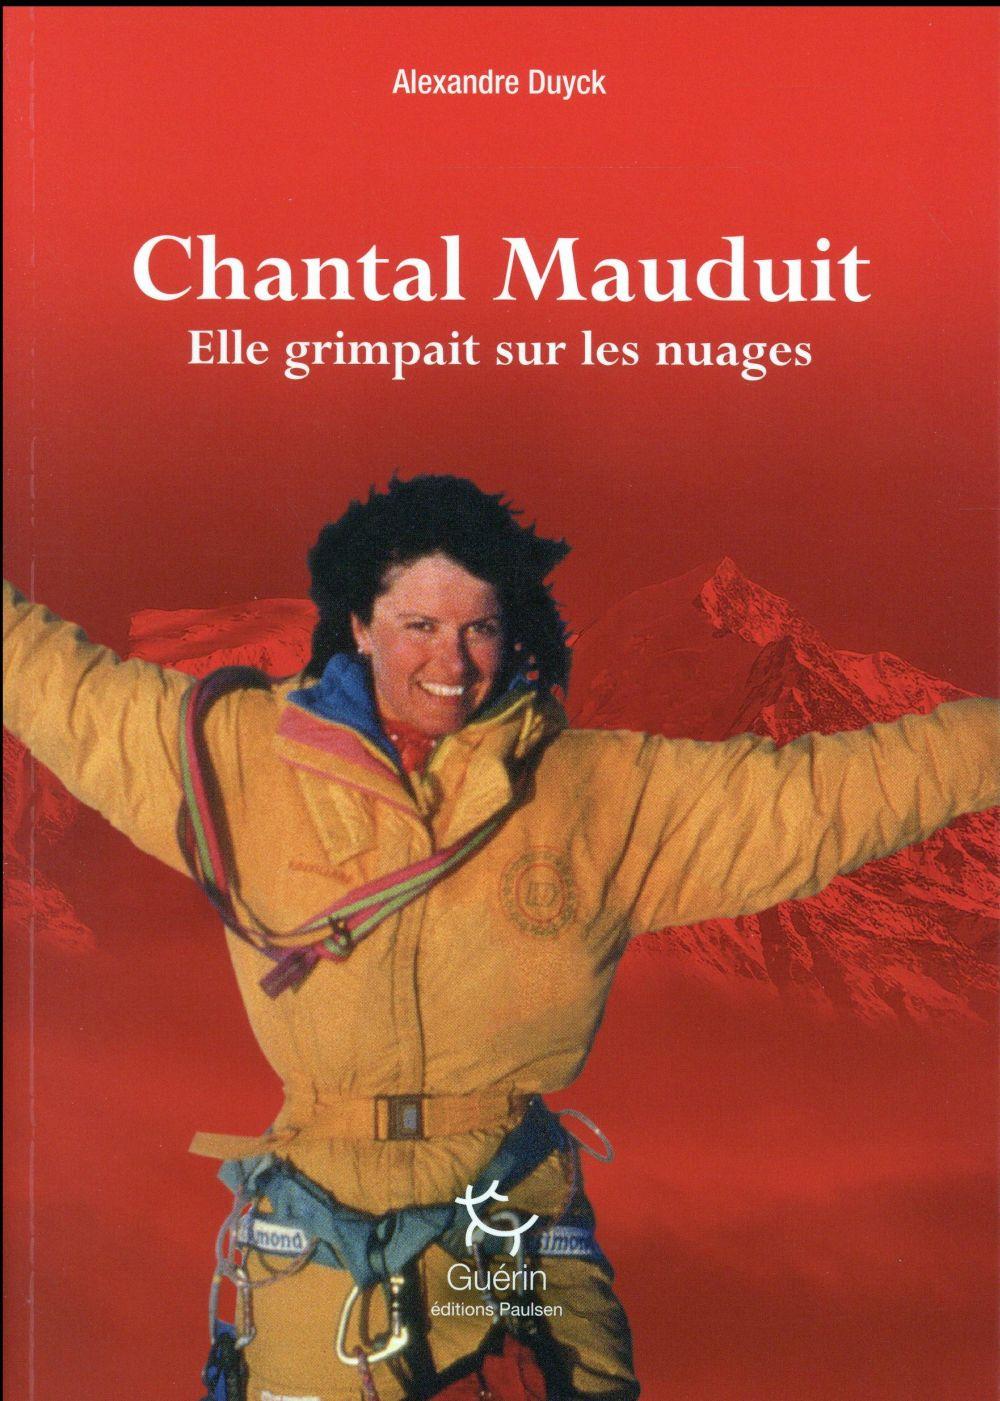 CHANTAL MAUDUIT - ELLE GRIMPAIT SUR LES NUAGES DUYCK ALEXANDRE Guérin